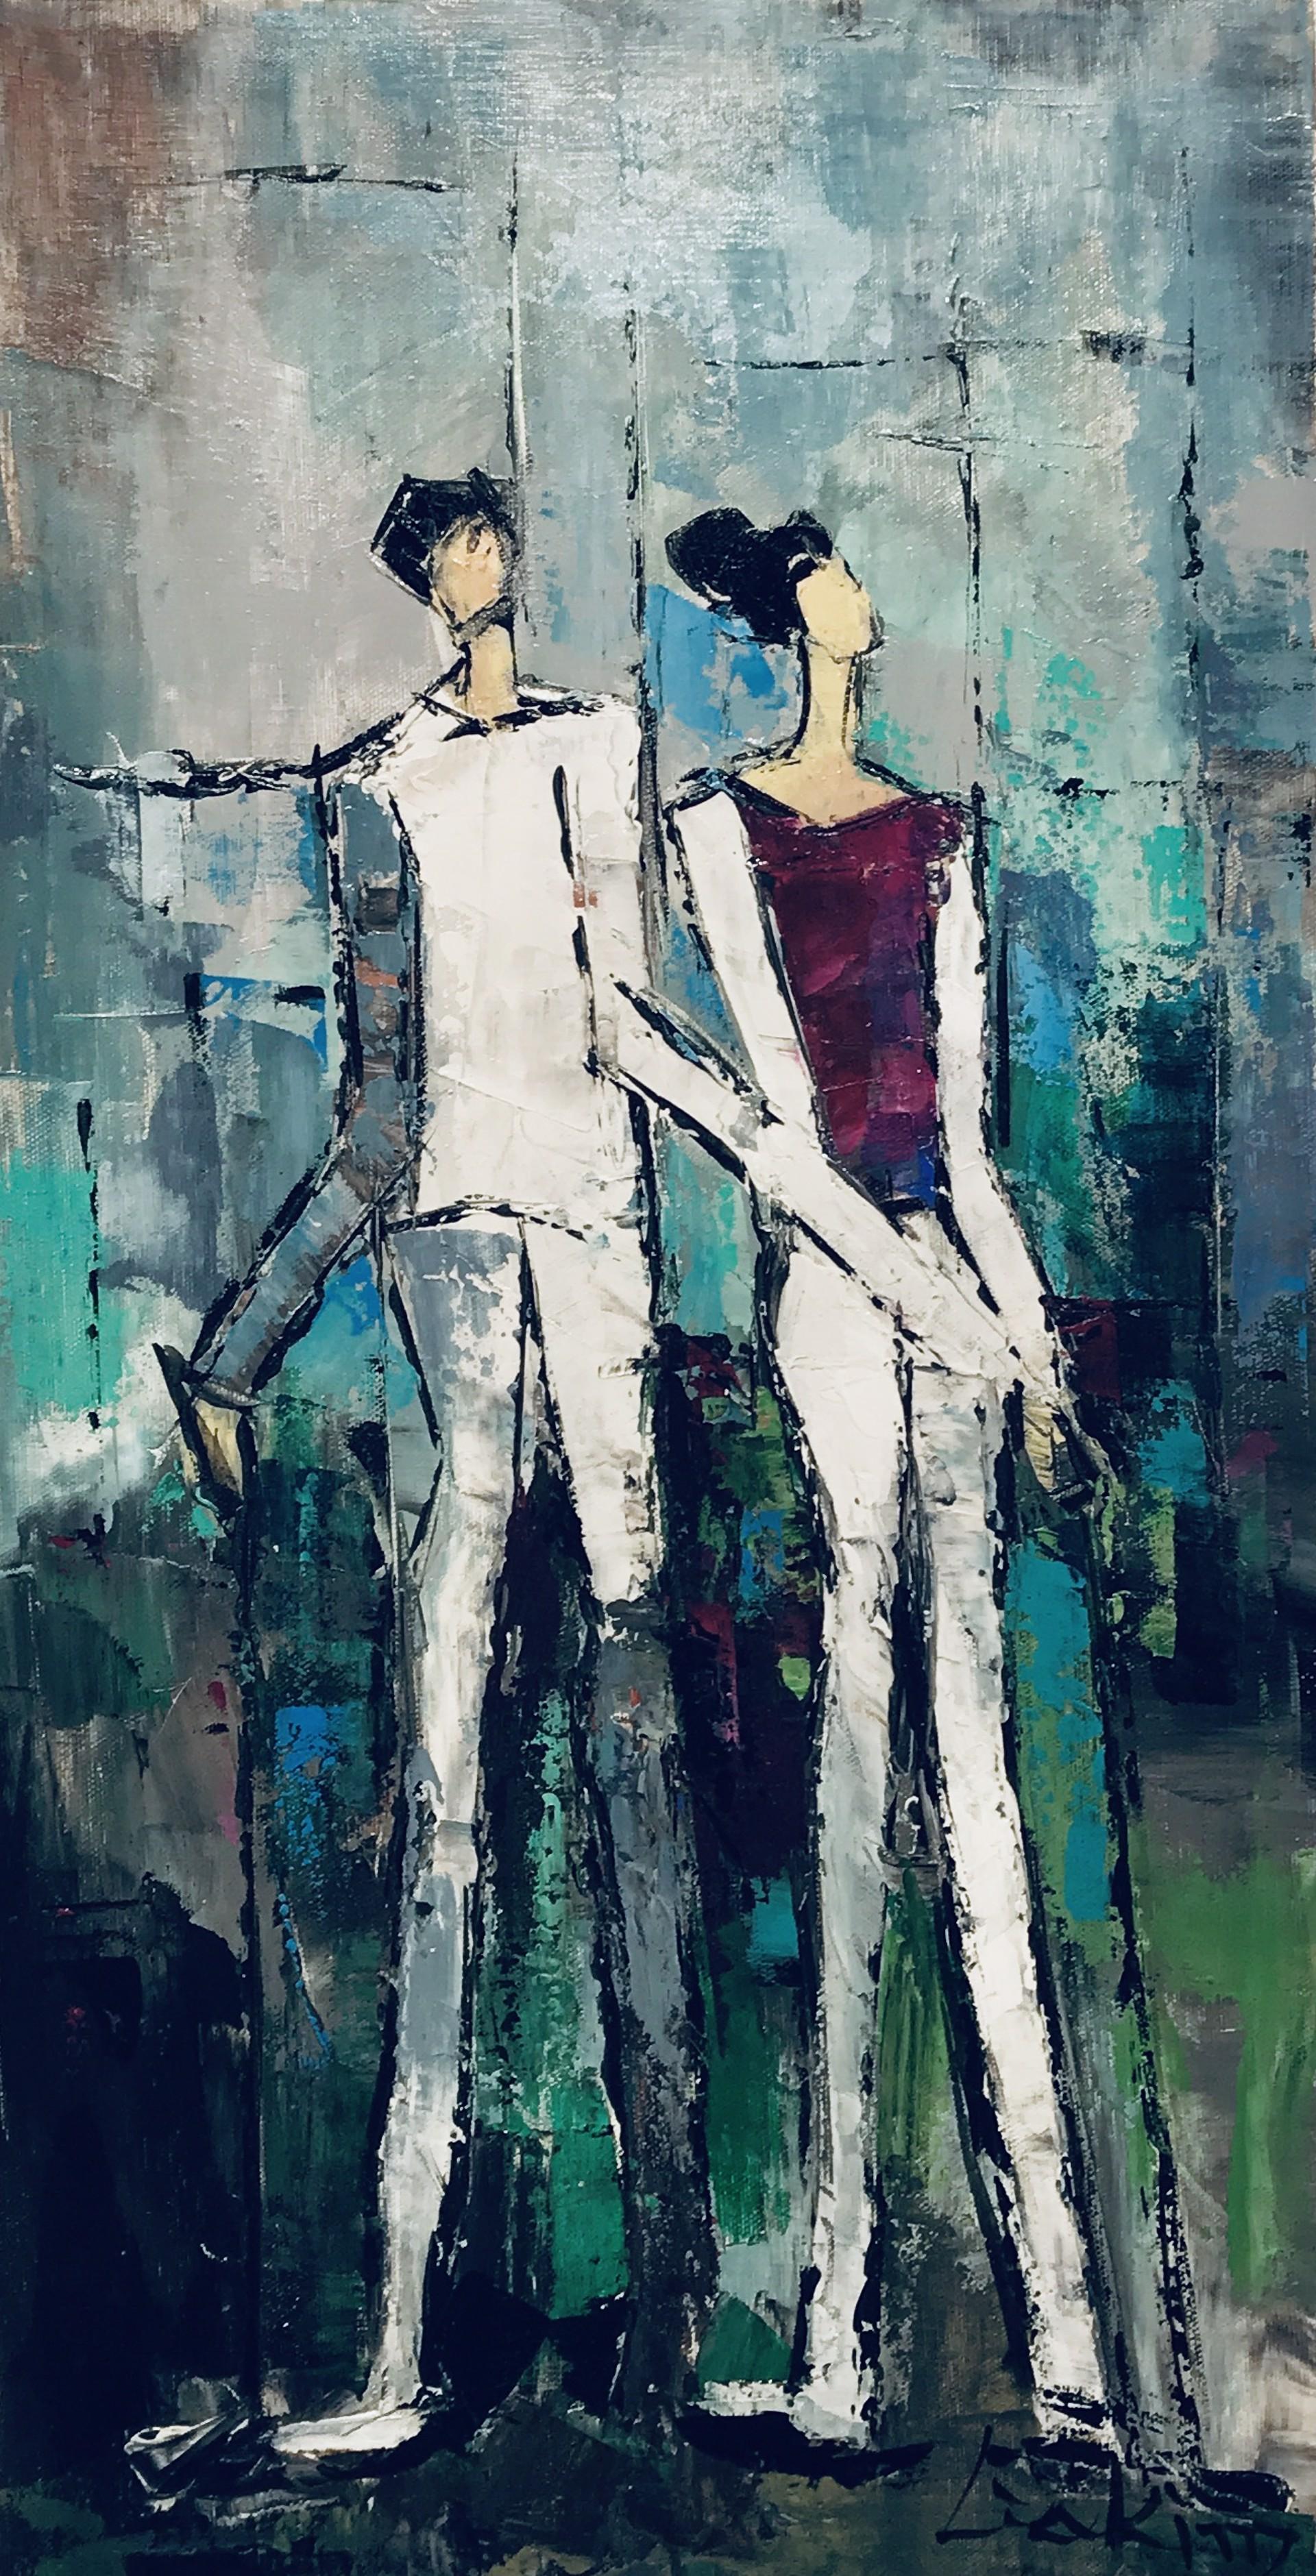 GOLFING COUPLE II by LIA KIM